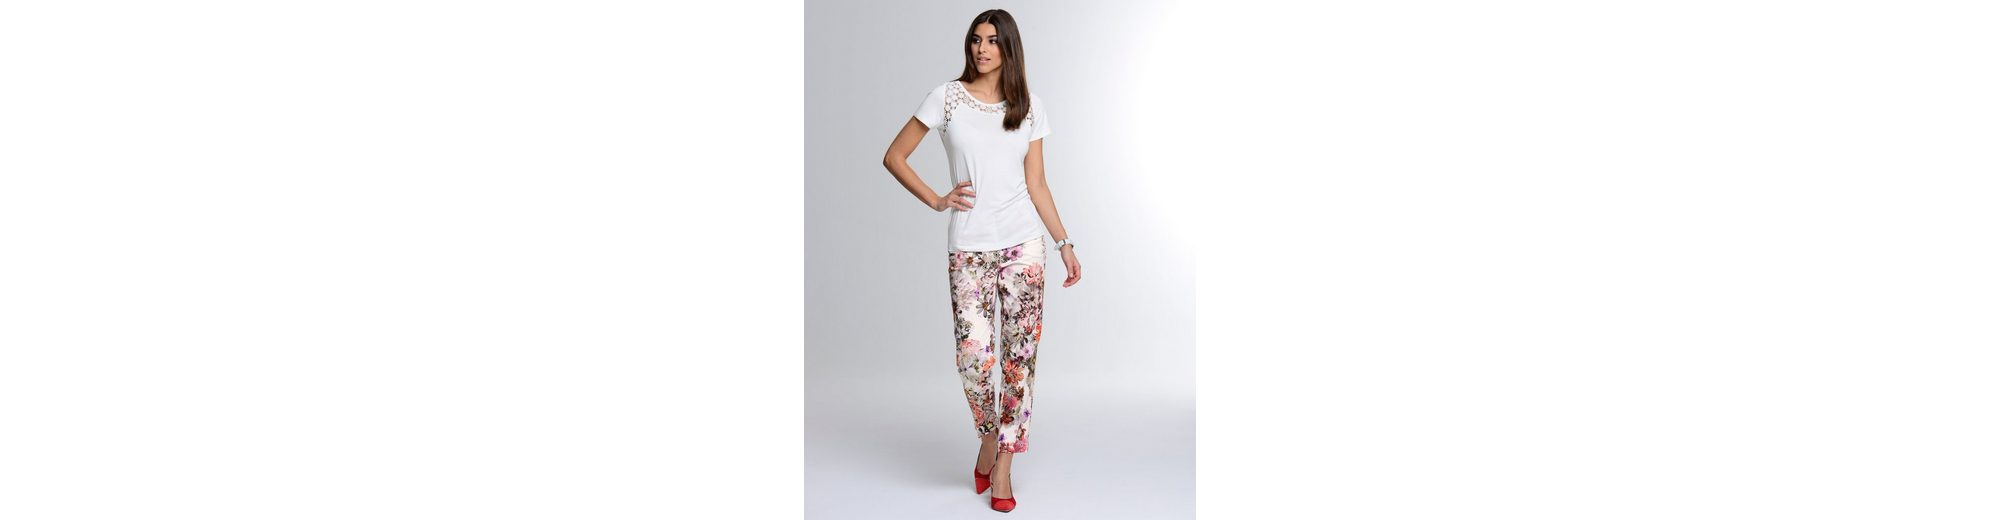 Großhandelspreis Zu Verkaufen Alba Moda Shirt mit Spitzen-Einsatz Zuverlässige Online-Verkauf Günstig Kaufen Preis Billig Verkauf Manchester Neue Online-Verkauf 5SzBQkb8